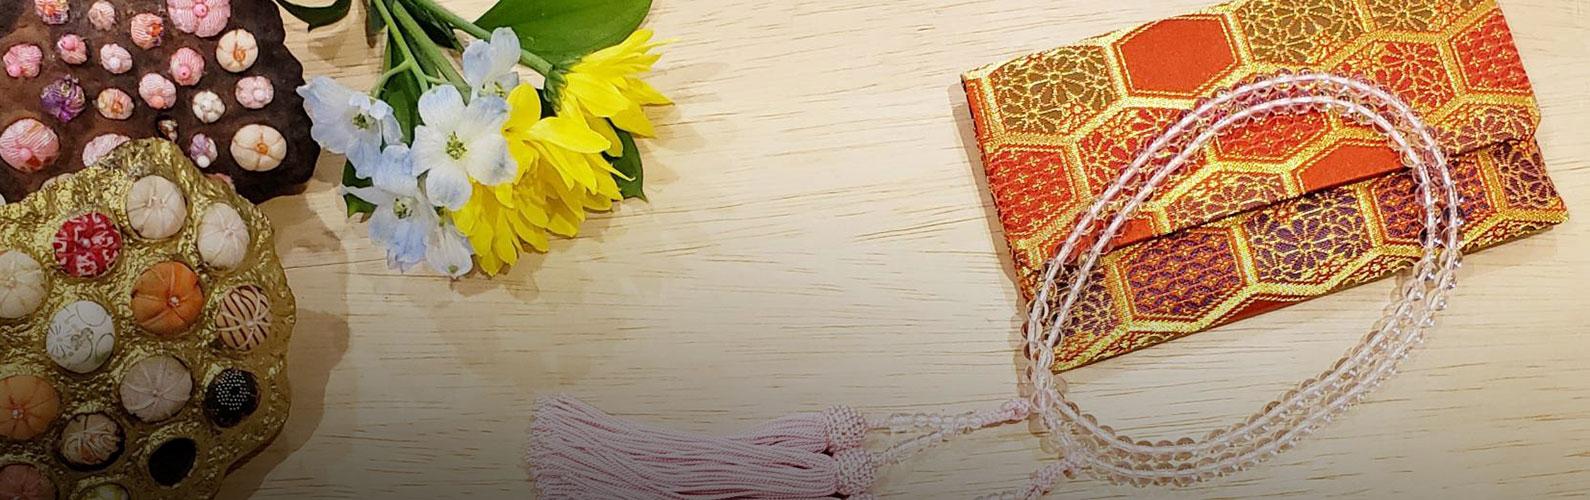 宗教法人 名古屋 豊国通 佛願寺「祈願のご案内 / 写経・写仏 / 御朱印・お守り」イメージ画像